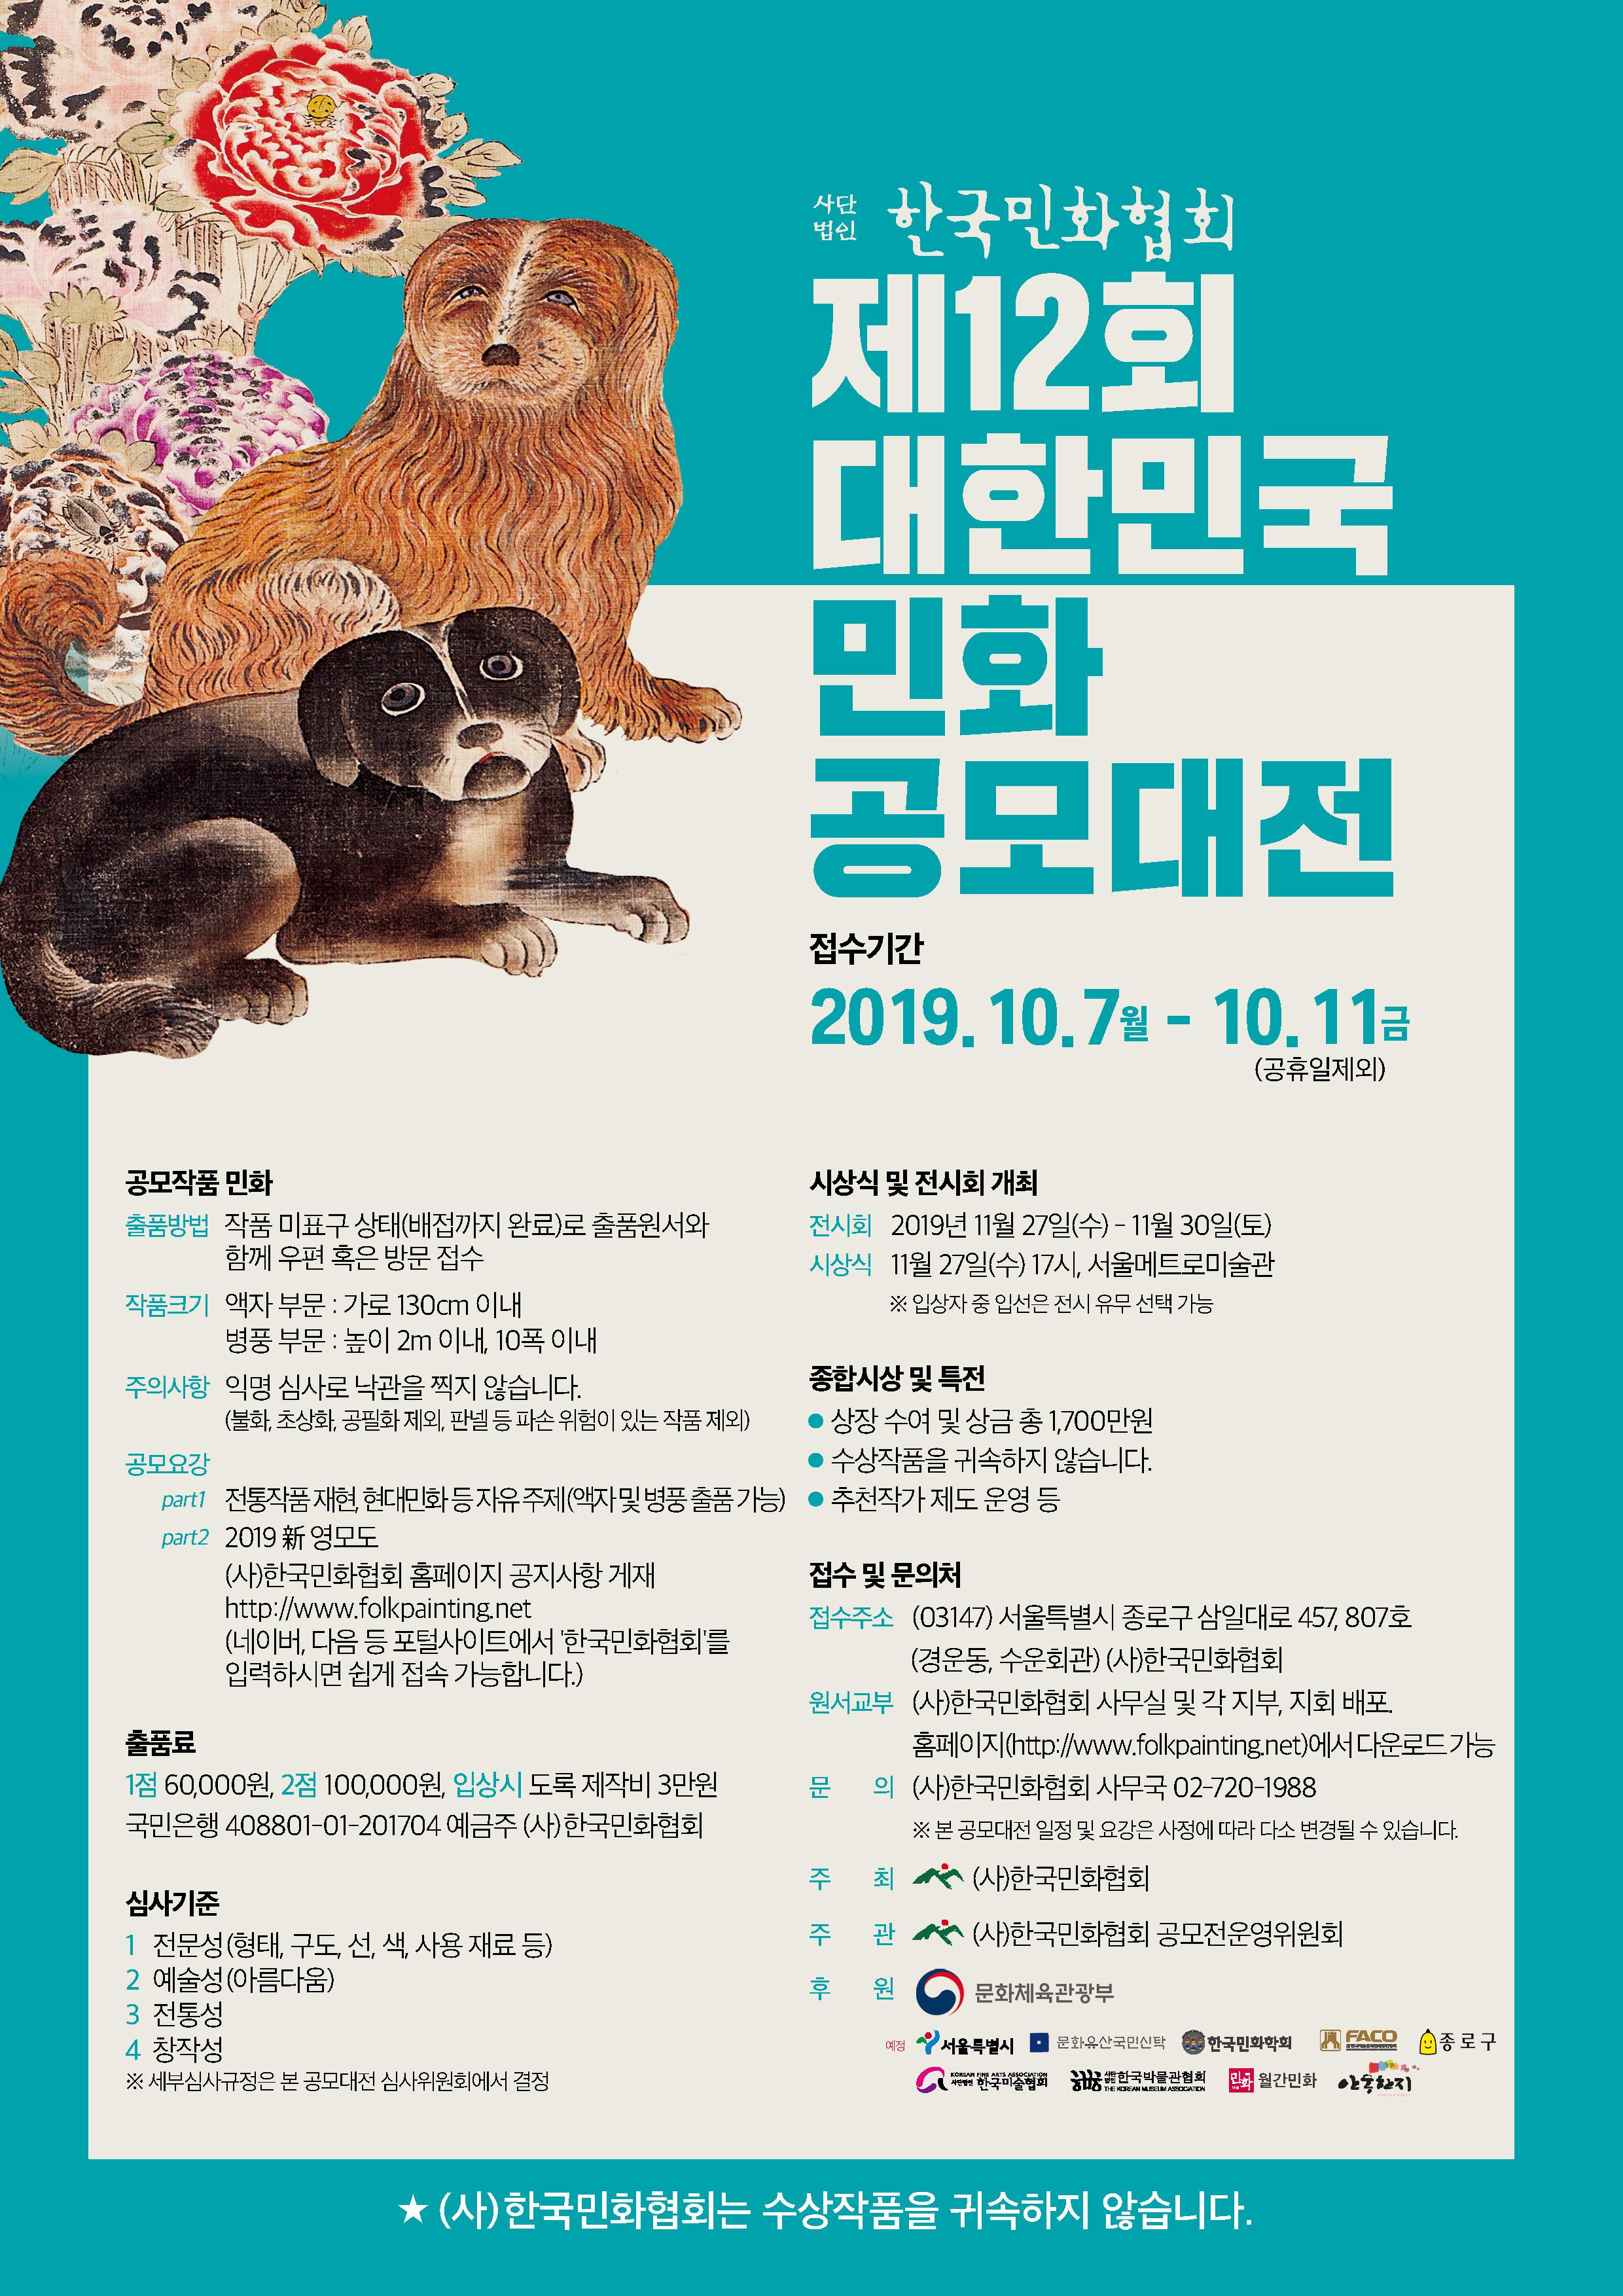 2019_공모요강_업데이트.jpg